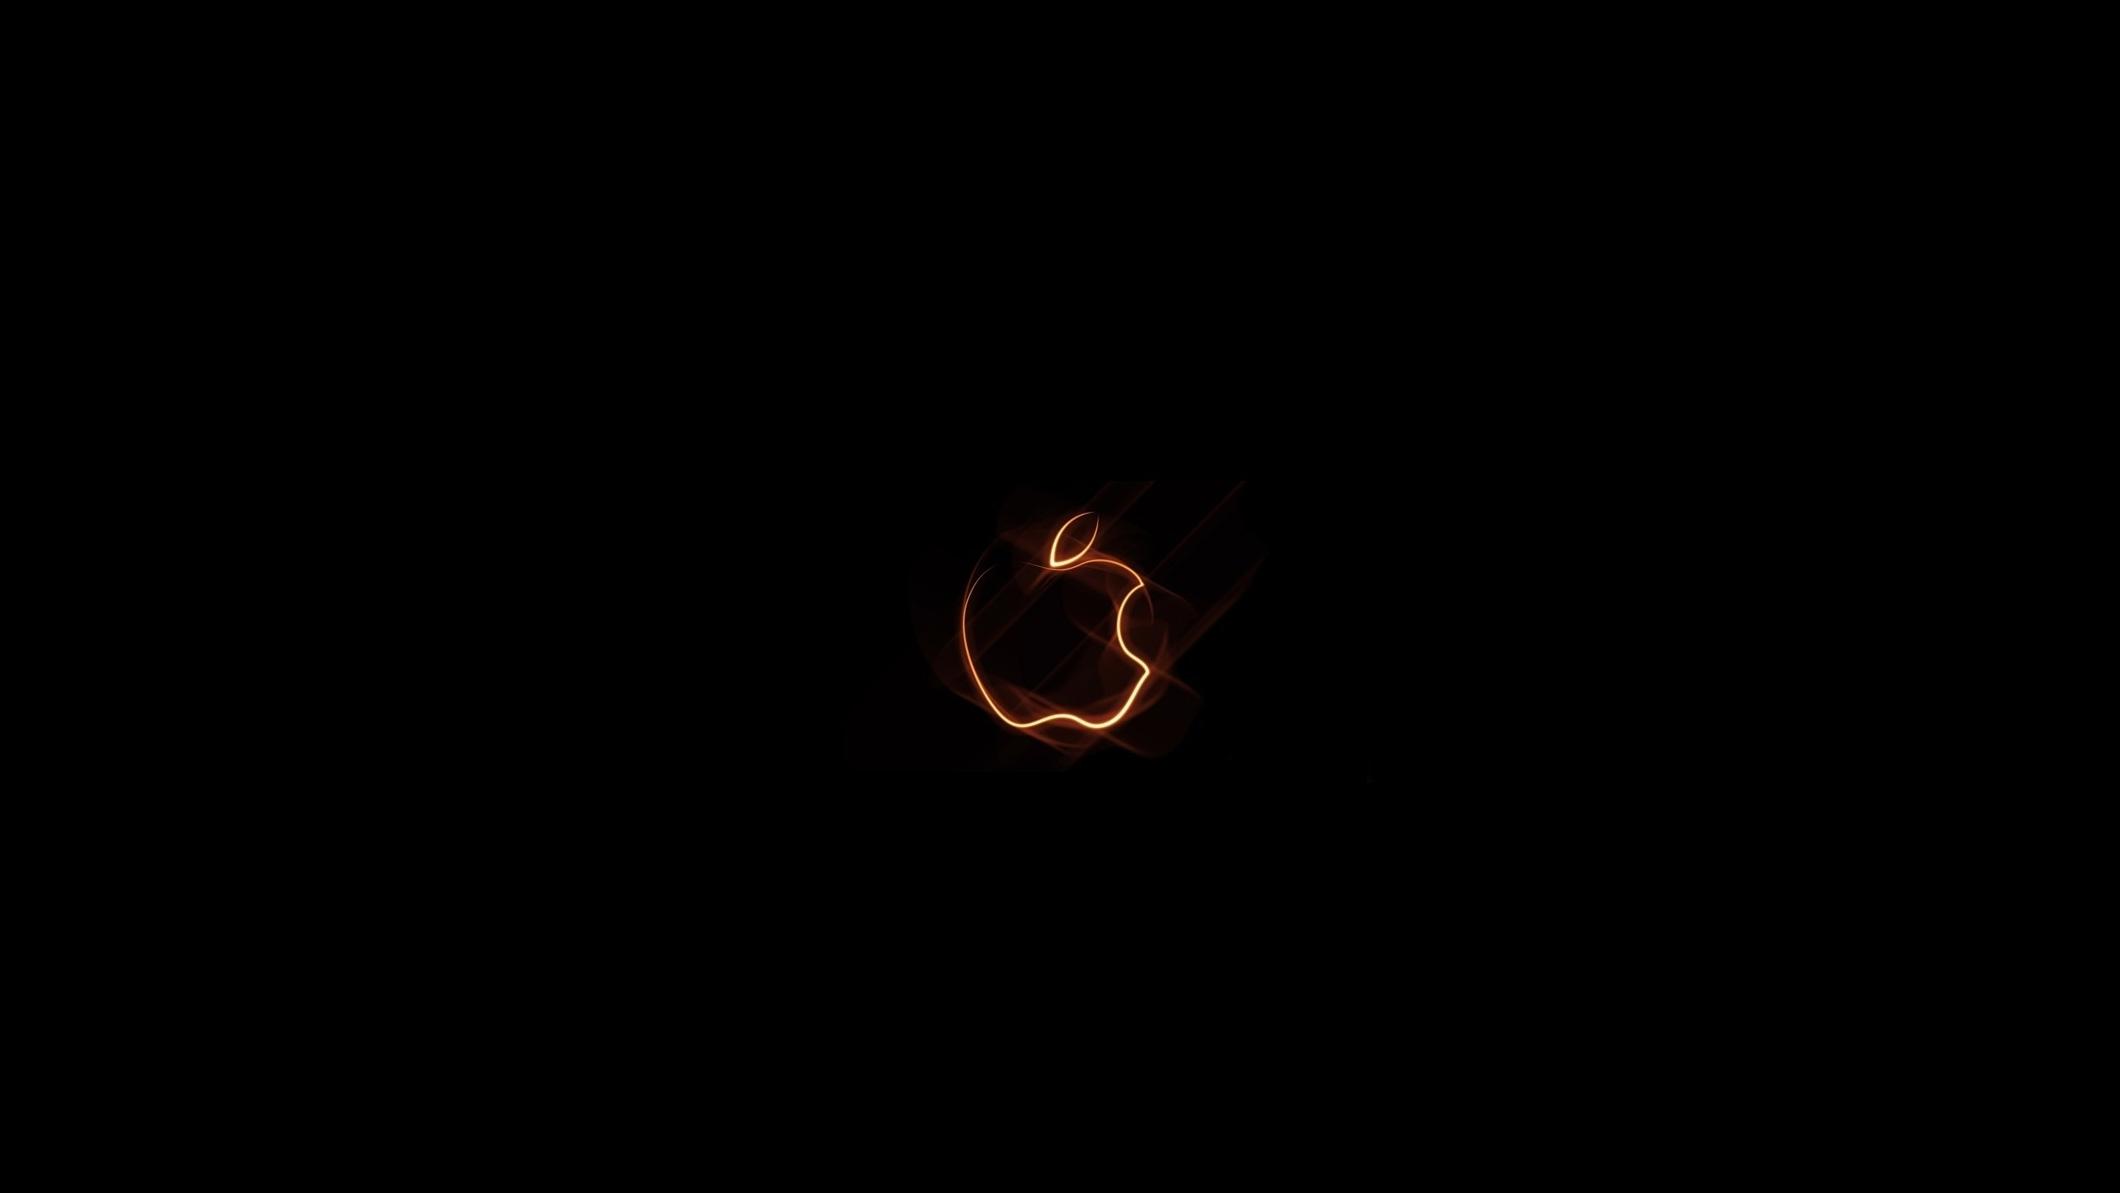 تفاحه الايفون سوداء